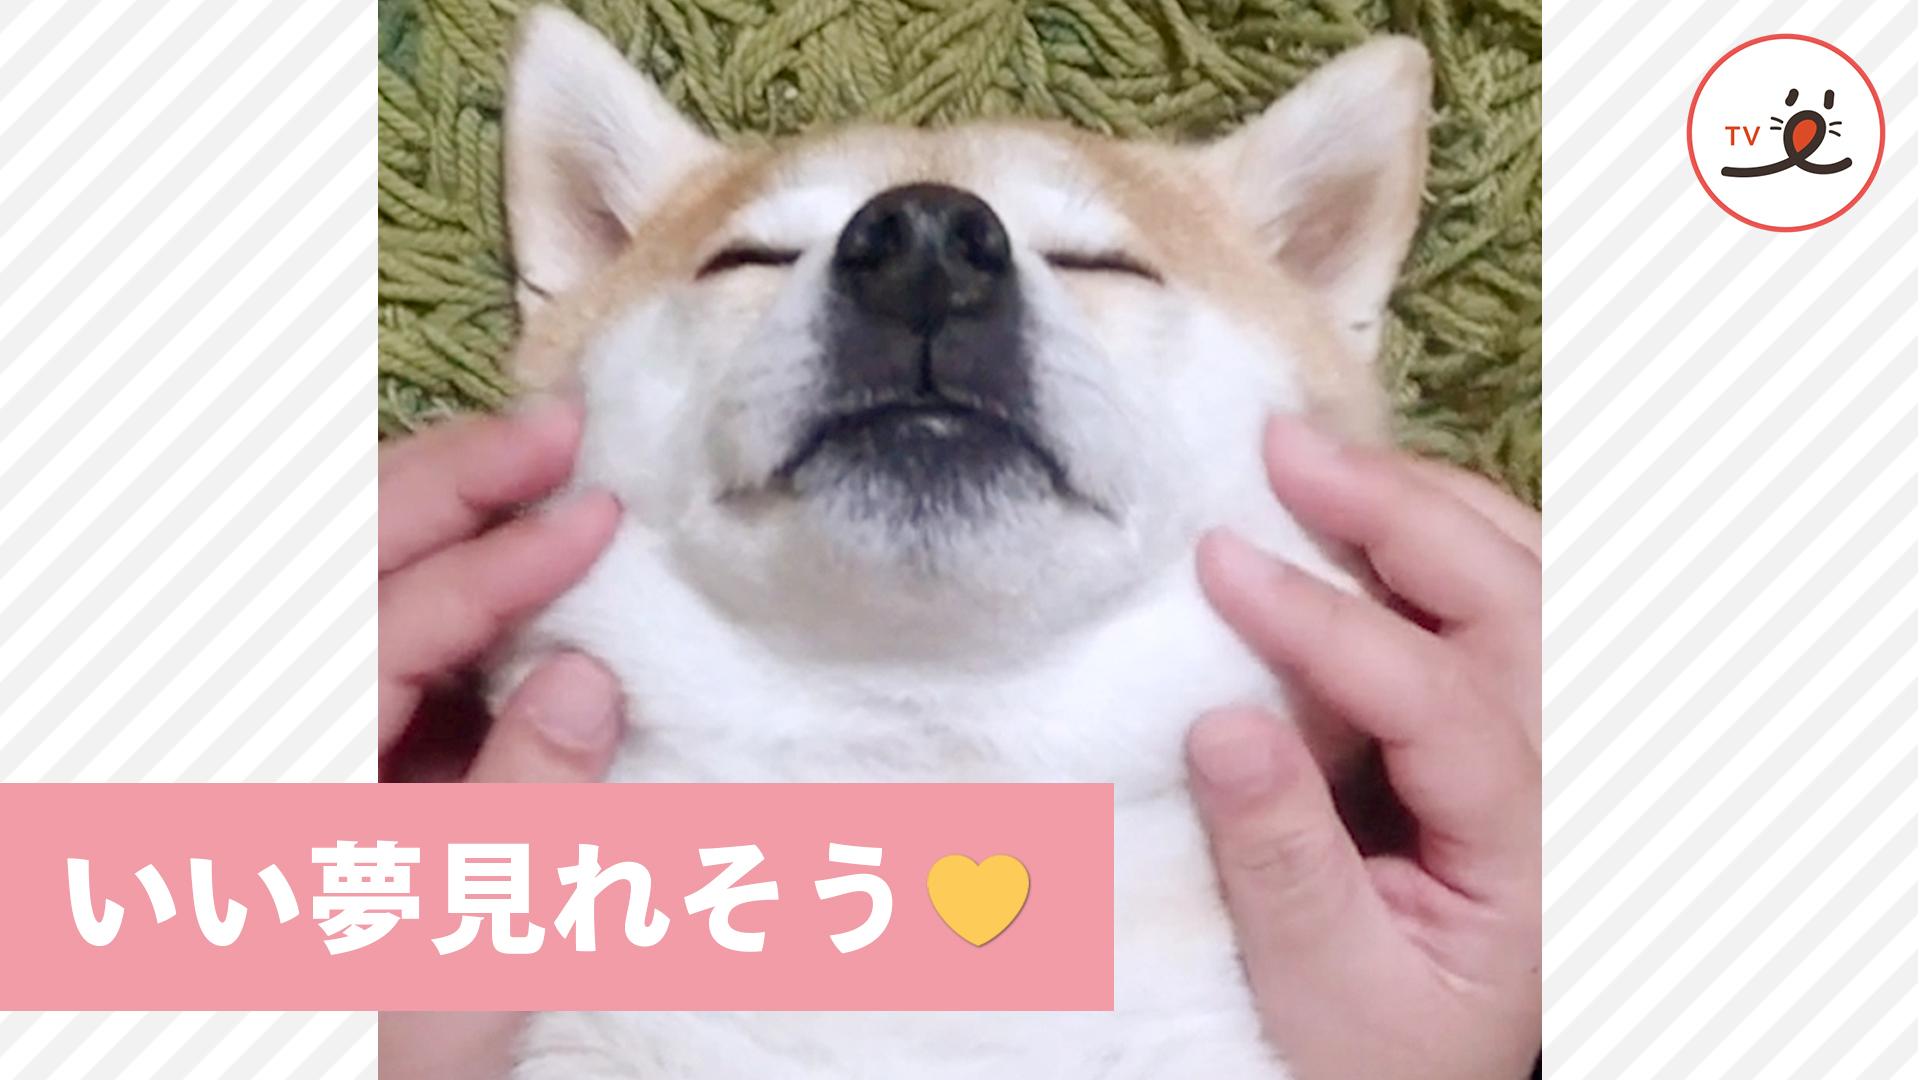 ママの極上マッサージにウットリ😚 柴犬さんの表情が可愛すぎる💕